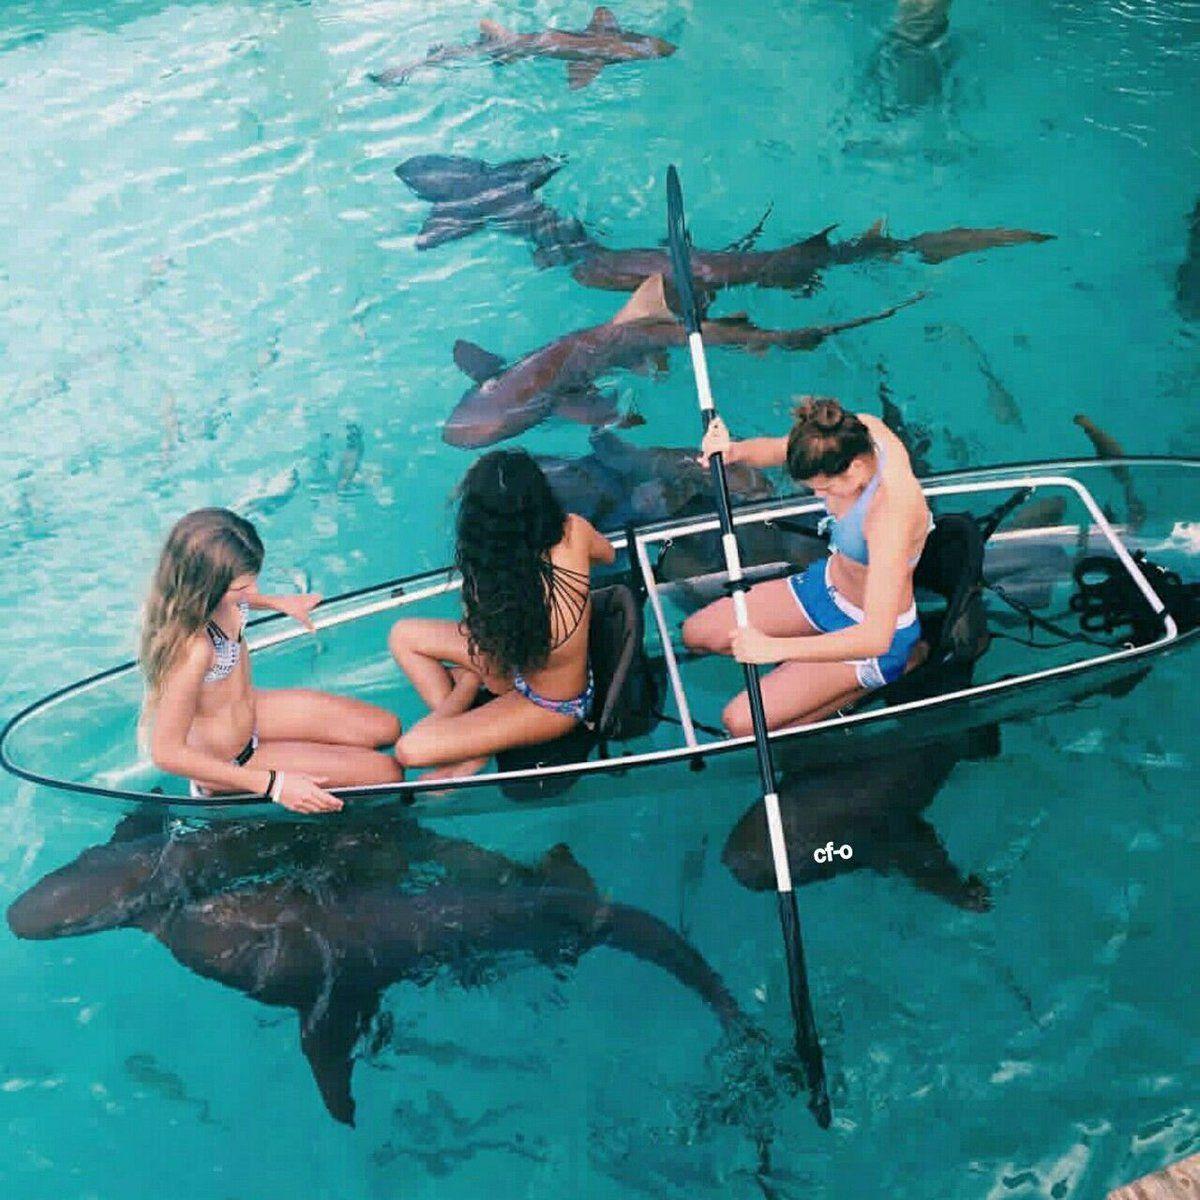 девушки в лодке и акулы